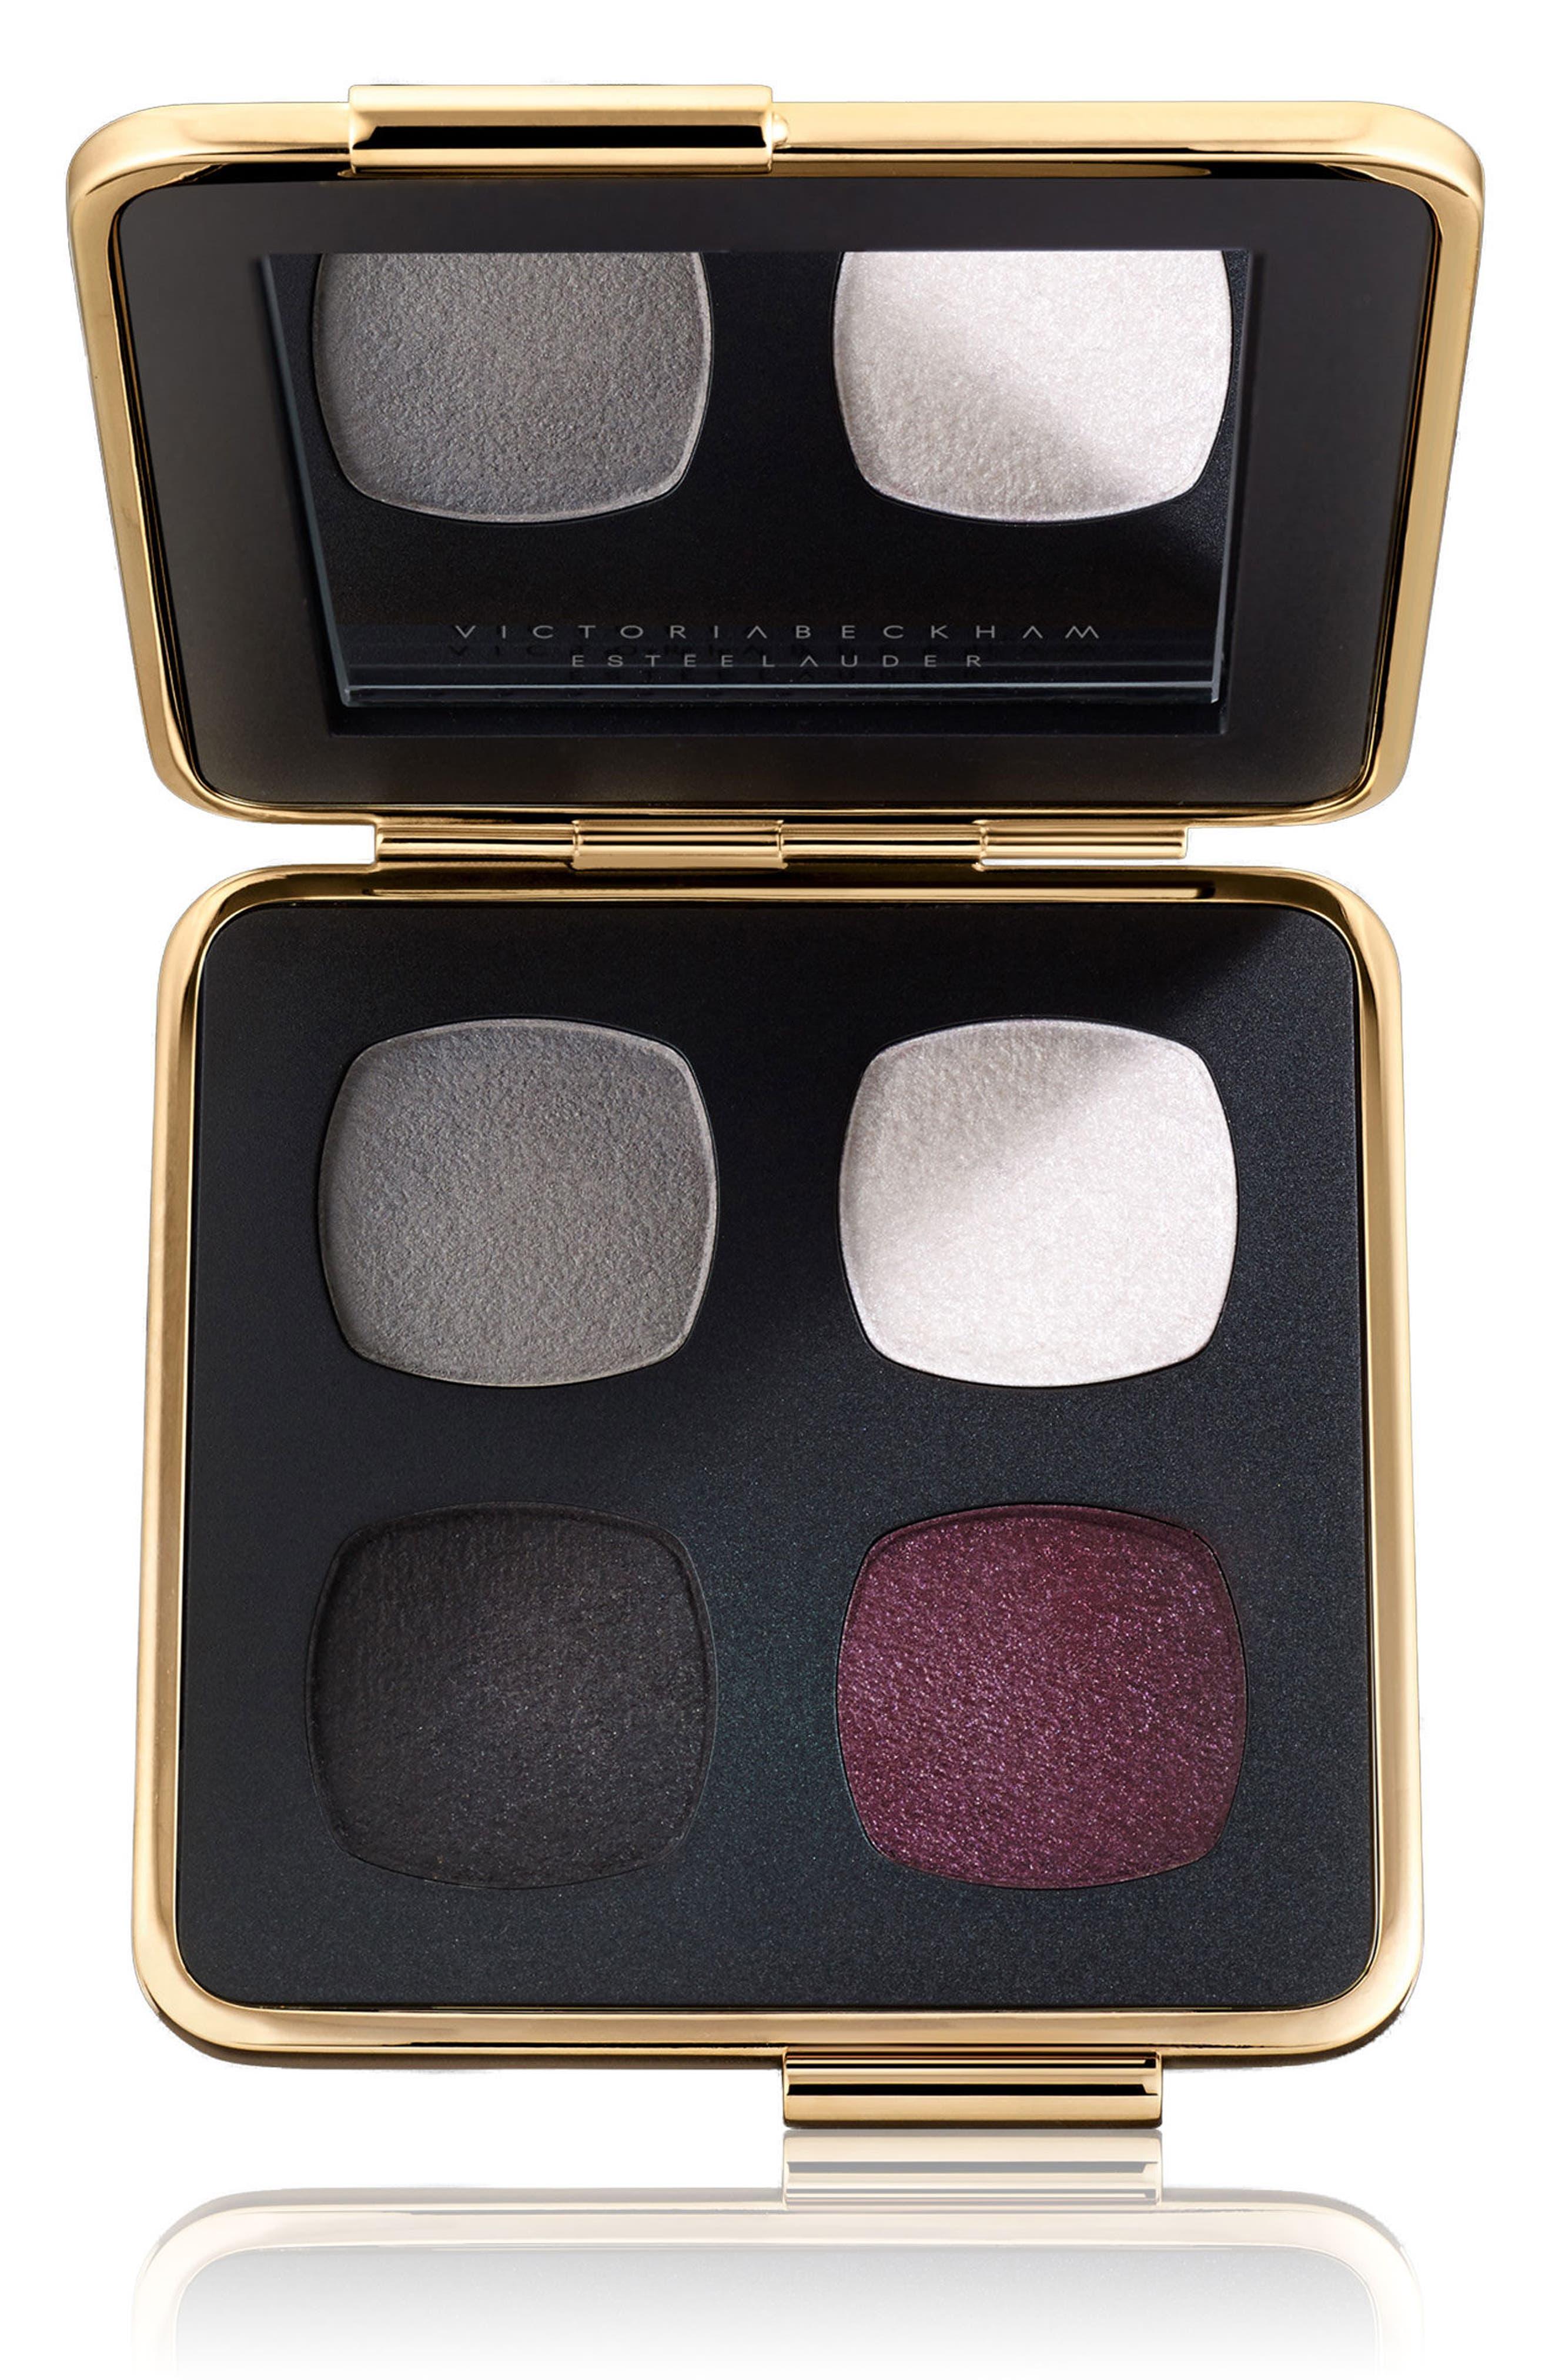 Alternate Image 1 Selected - Estée Lauder Victoria Beckham Eye Palette